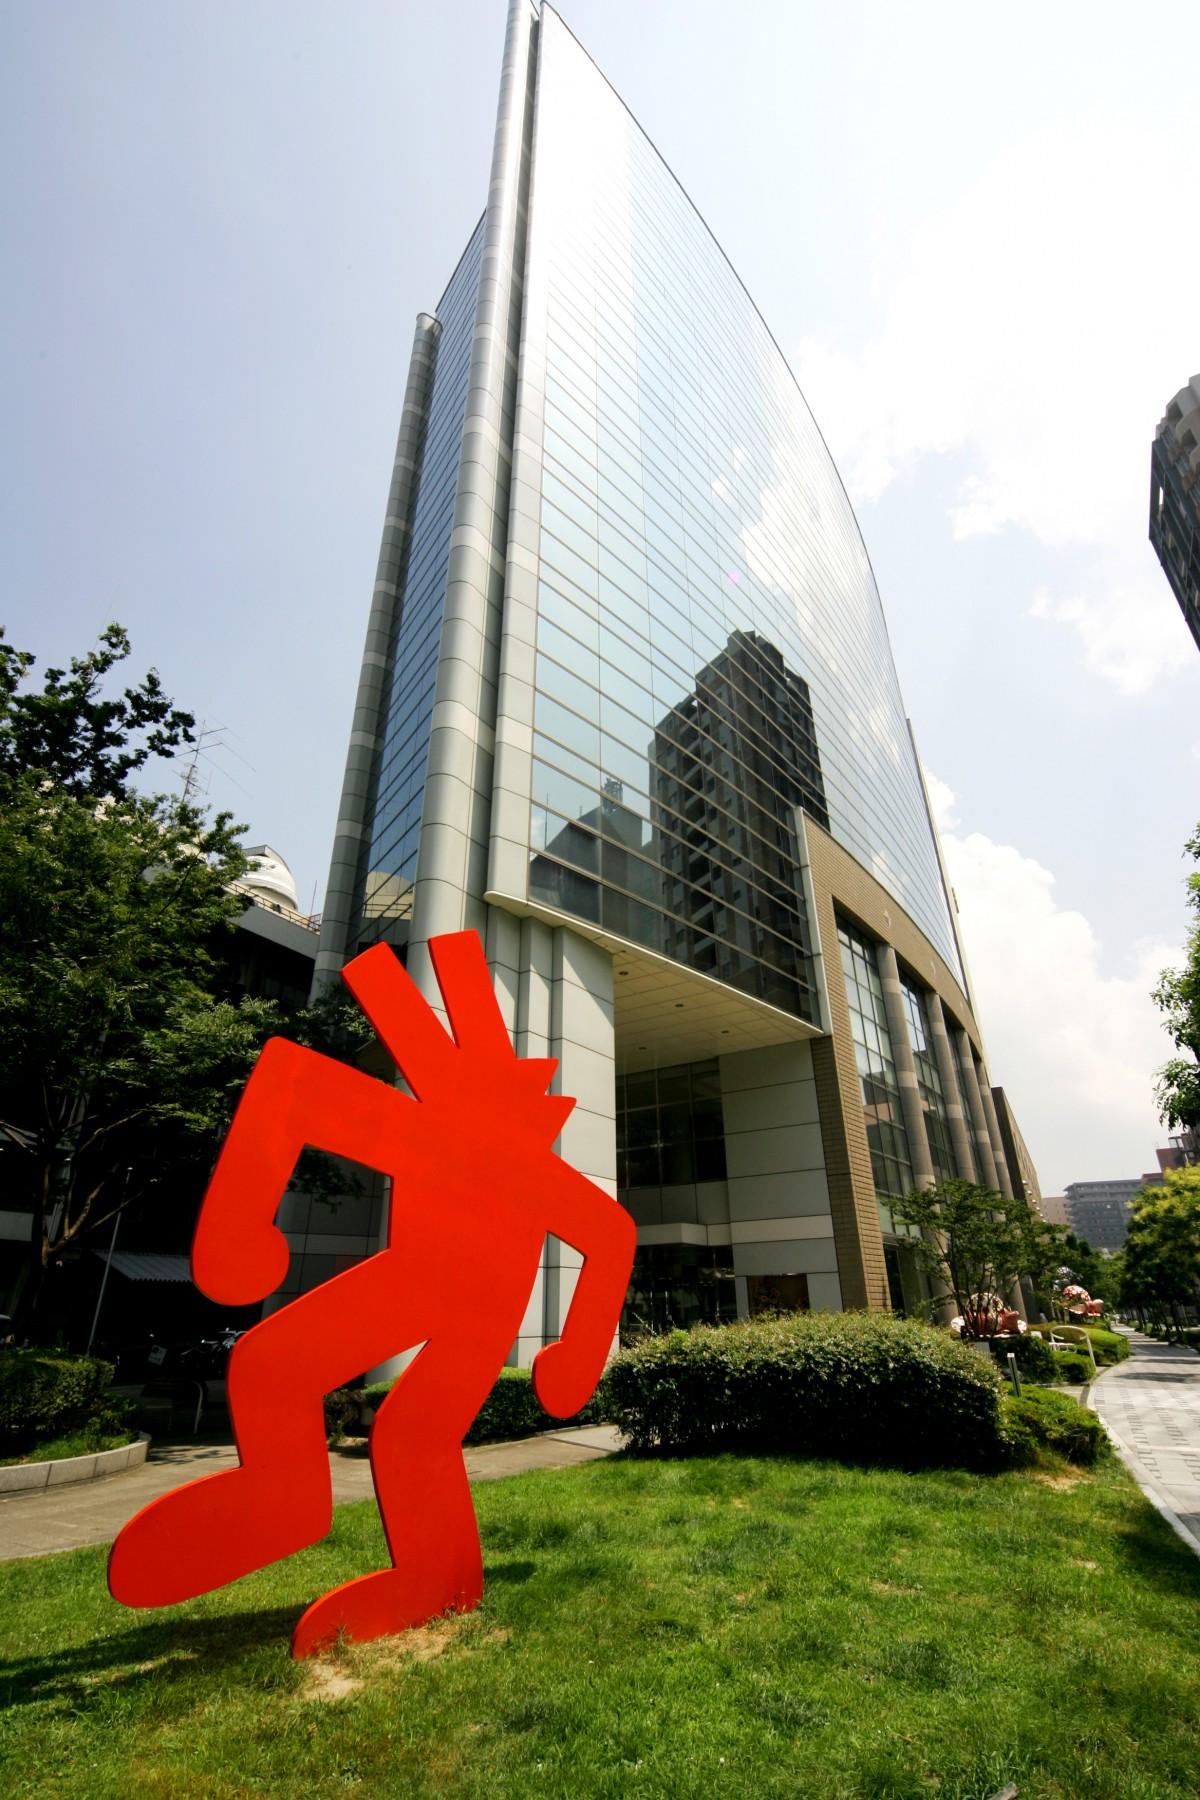 후쿠오카 건강만들기센터(2006)의 이미지